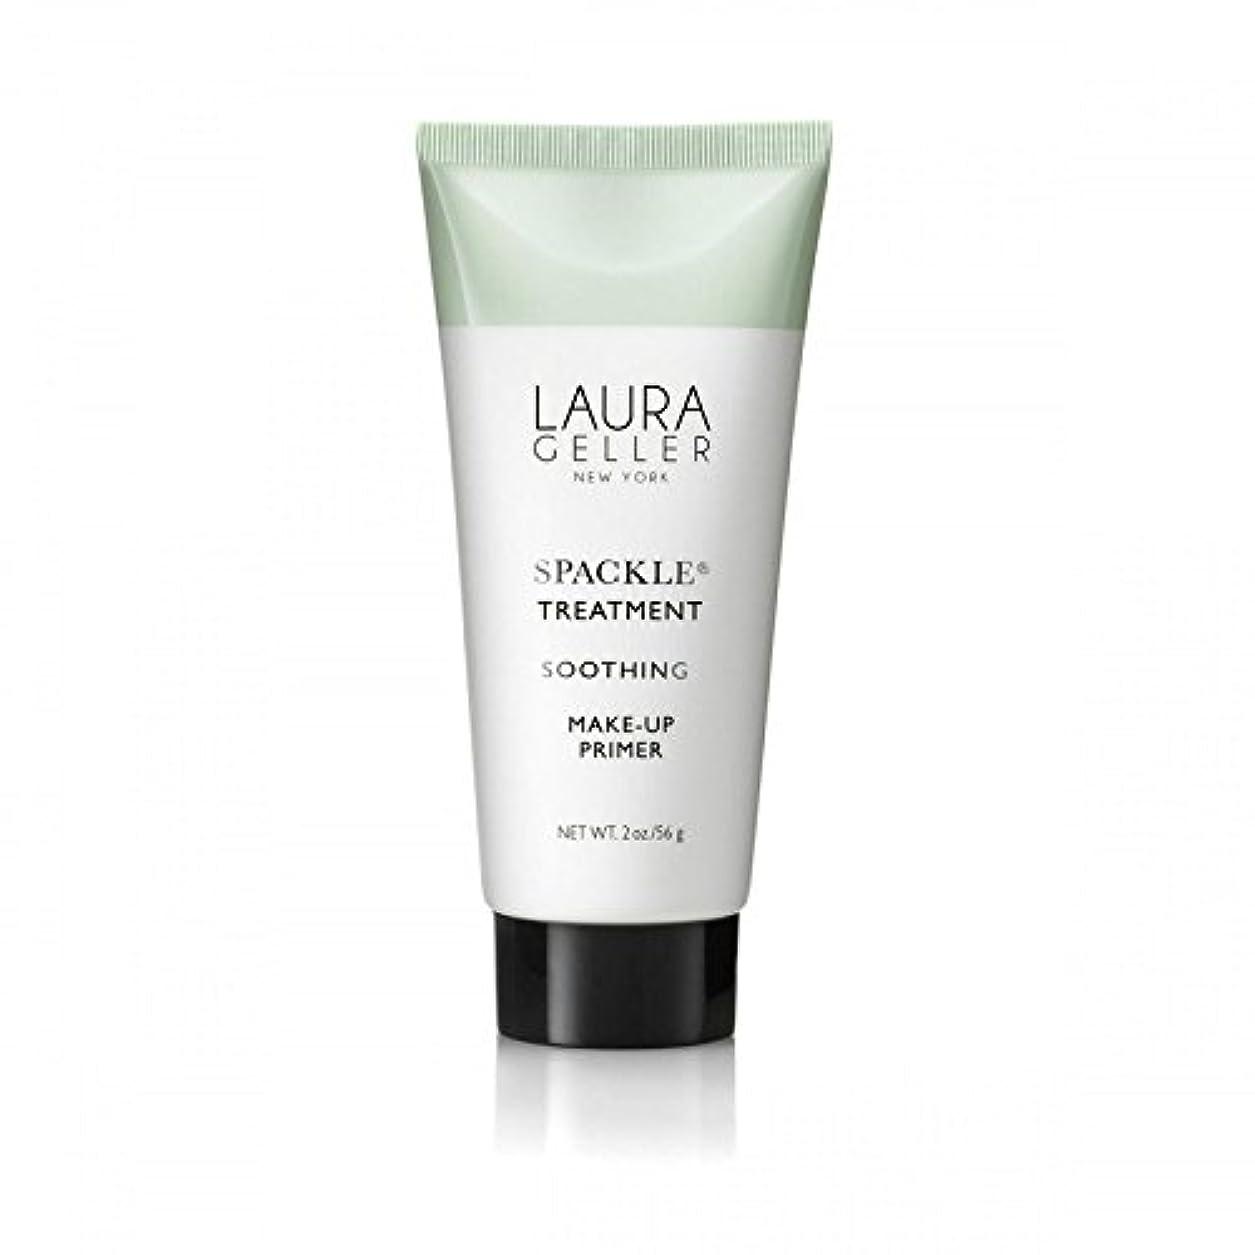 溝遠近法考えるLaura Geller Spackle Treatment Under Make-Up Primer Soothing (Pack of 6) - メイクアッププライマー癒しの下のローラ?ゲラー 処理 x6 [並行輸入品]